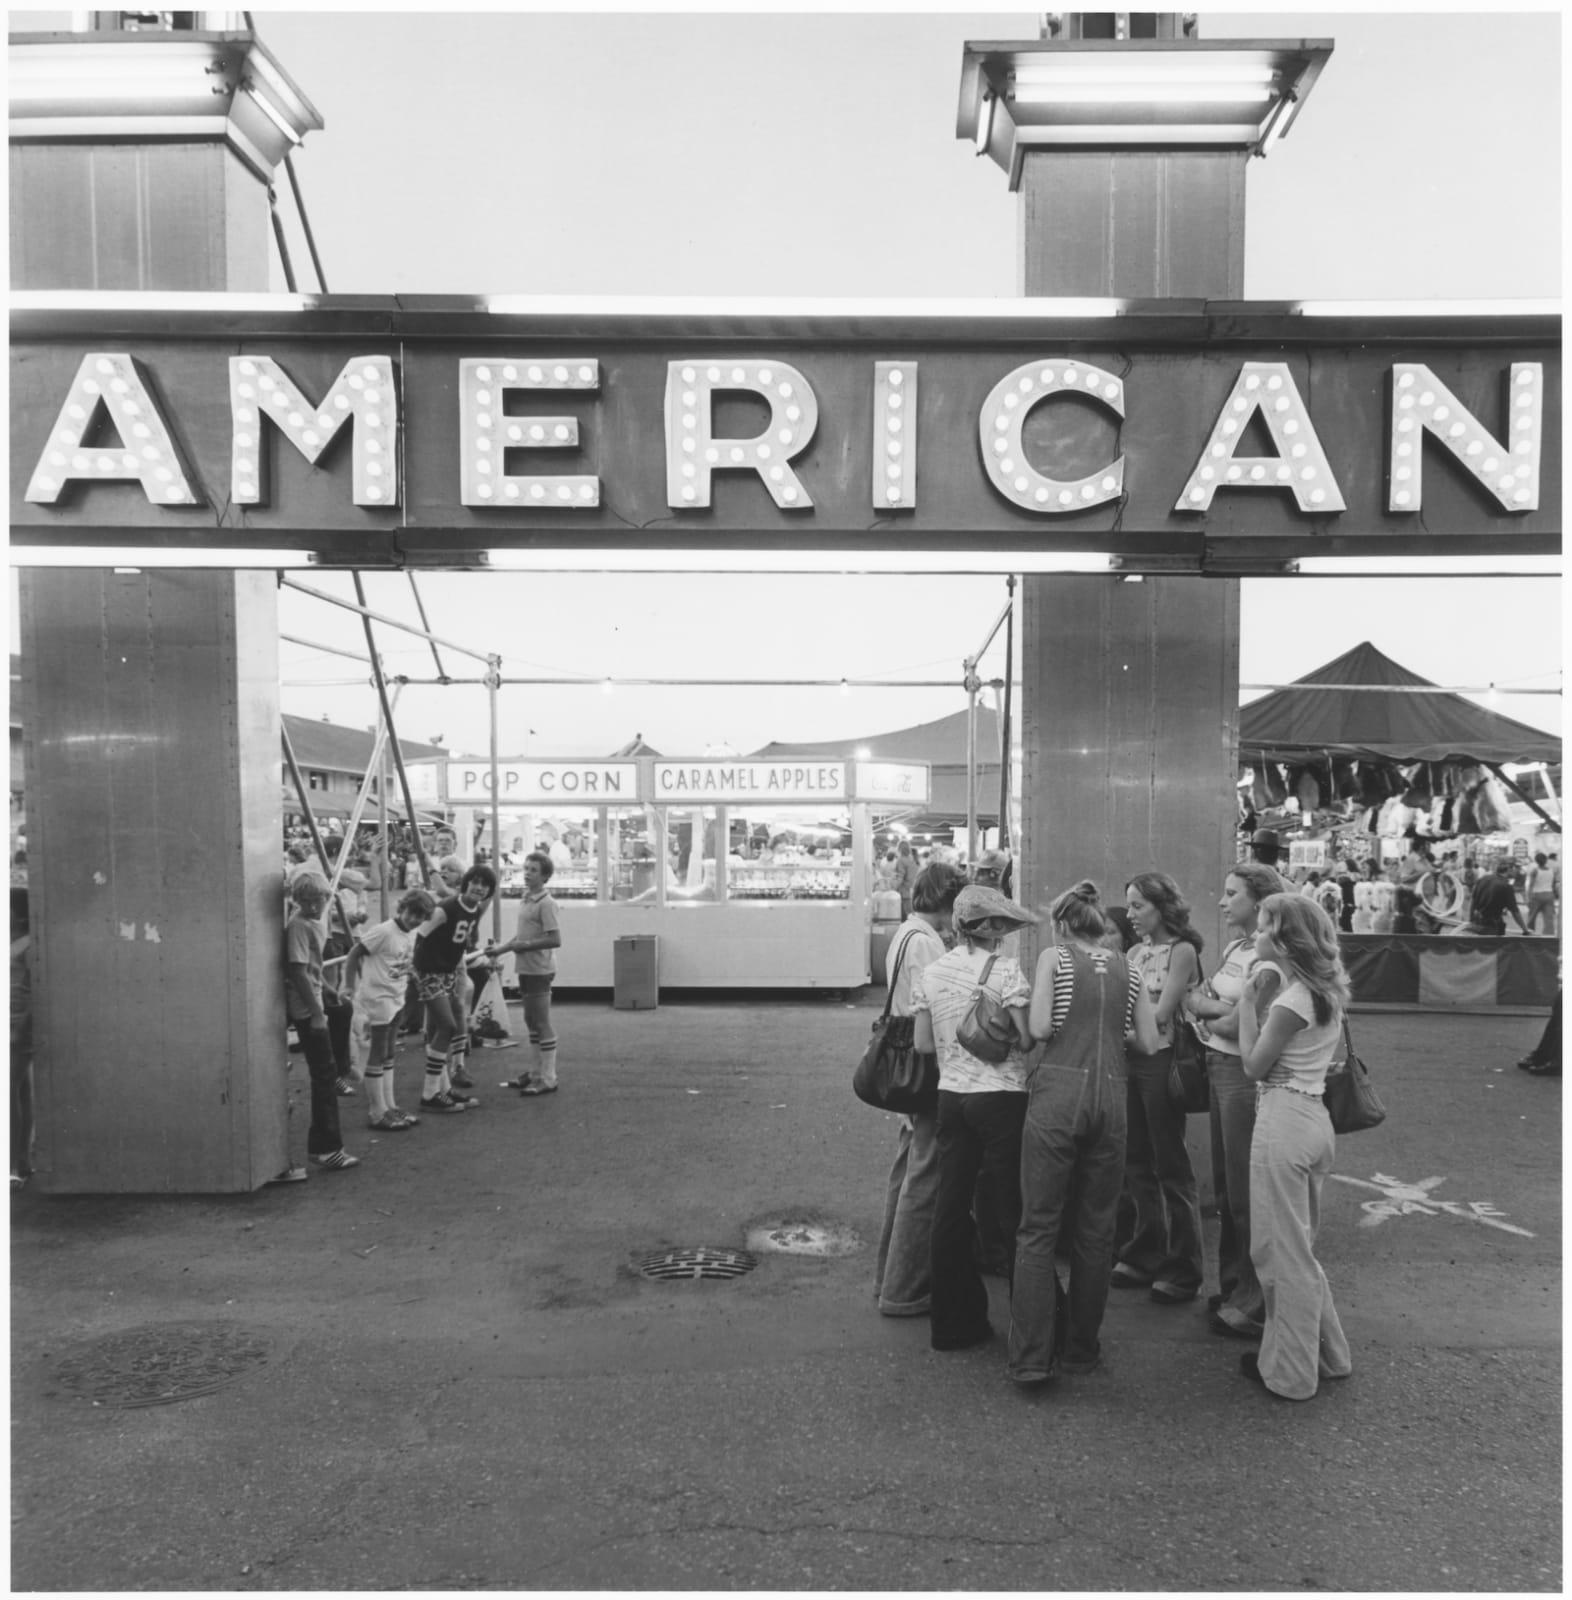 Tom Arndt Minnesota State Fair Tirage gélatino-argentique postérieur, réalisé par l'artiste 23,8 x 23,9 cm Dim. papier: 27,9 x 35,3 cm